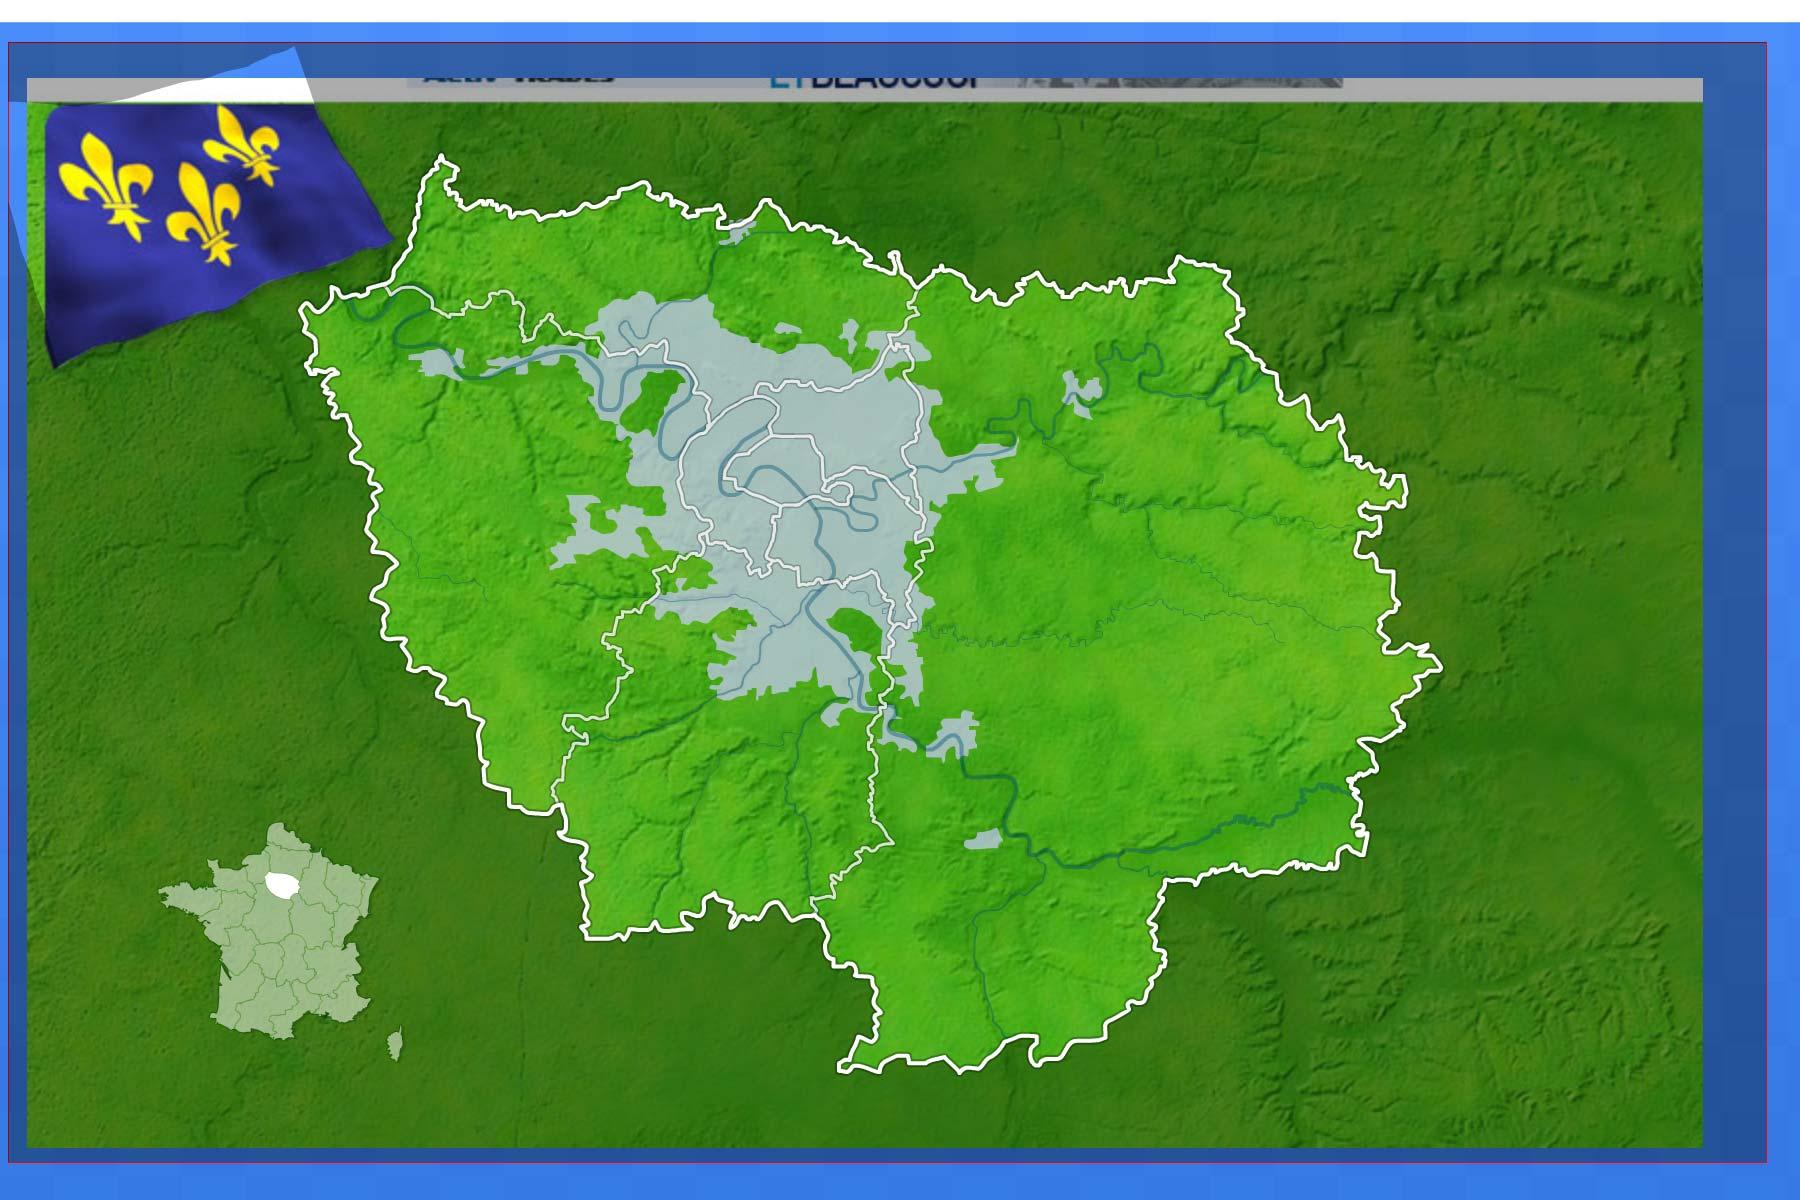 Jeux-Geographiques Jeux Gratuits Villes D Ile De France avec Jeu Geographie Ville De France